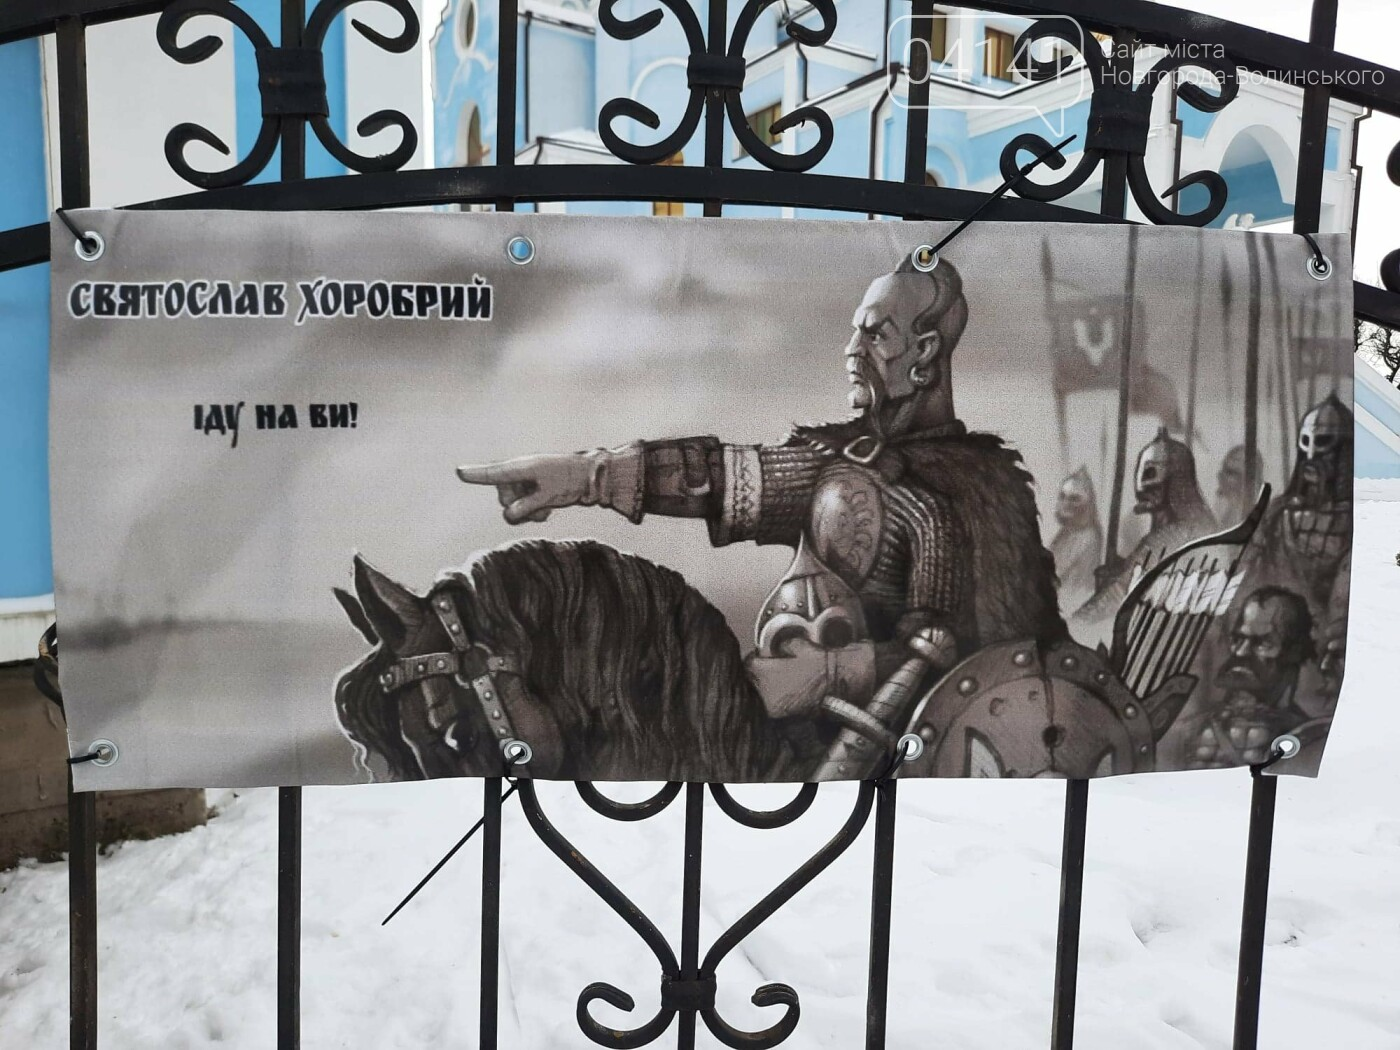 У Новограді організовано фотовиставку до Дня Соборності України (ФОТО, ВІДЕО), фото-1